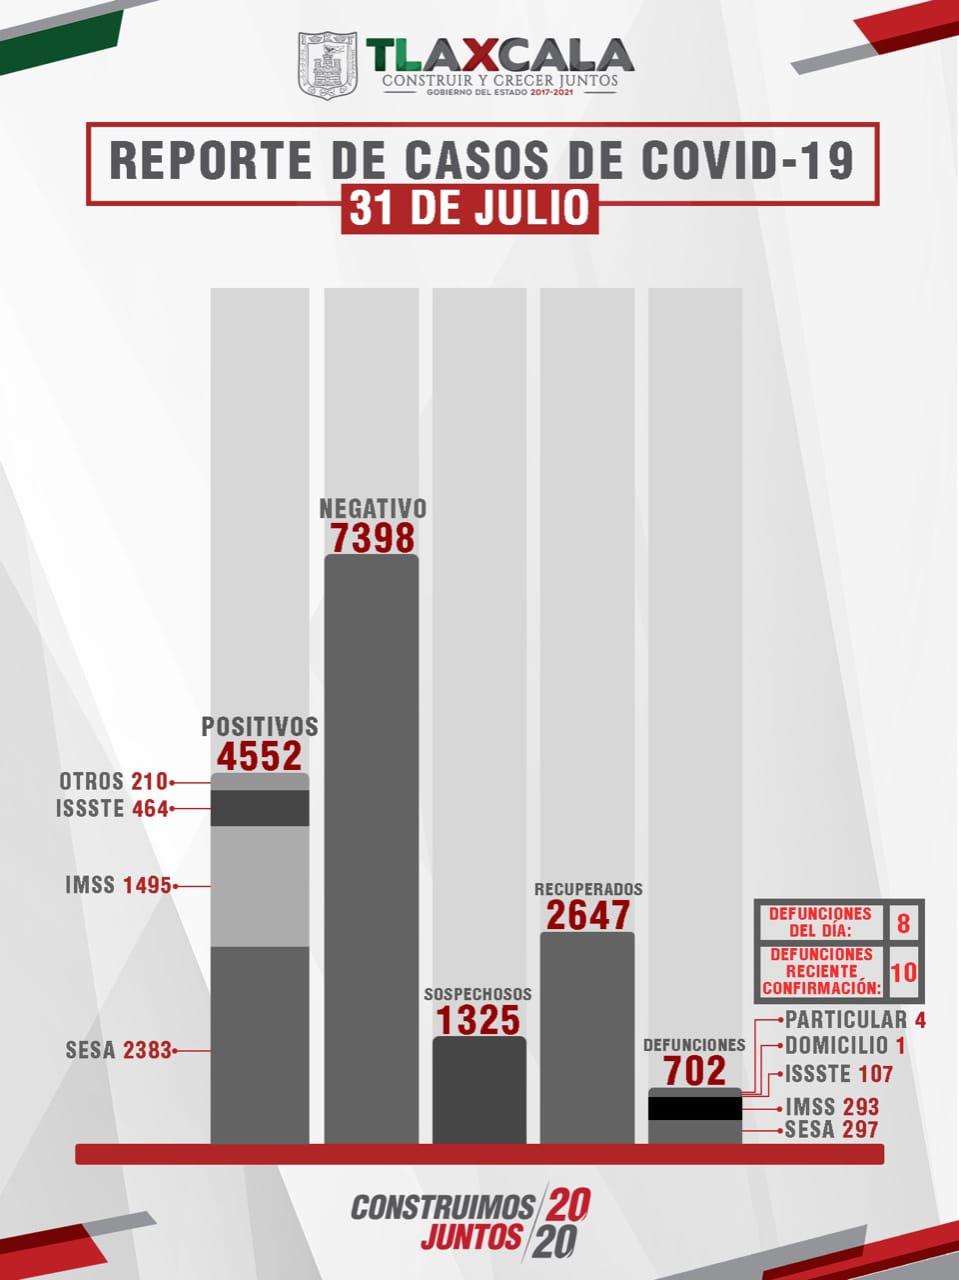 Parte de Guerra Tlaxcala sábado 1ro agosto: Sesa confirma 8 defunciones, 70 casos nuevos y 36 recuperados más de Coronavirus